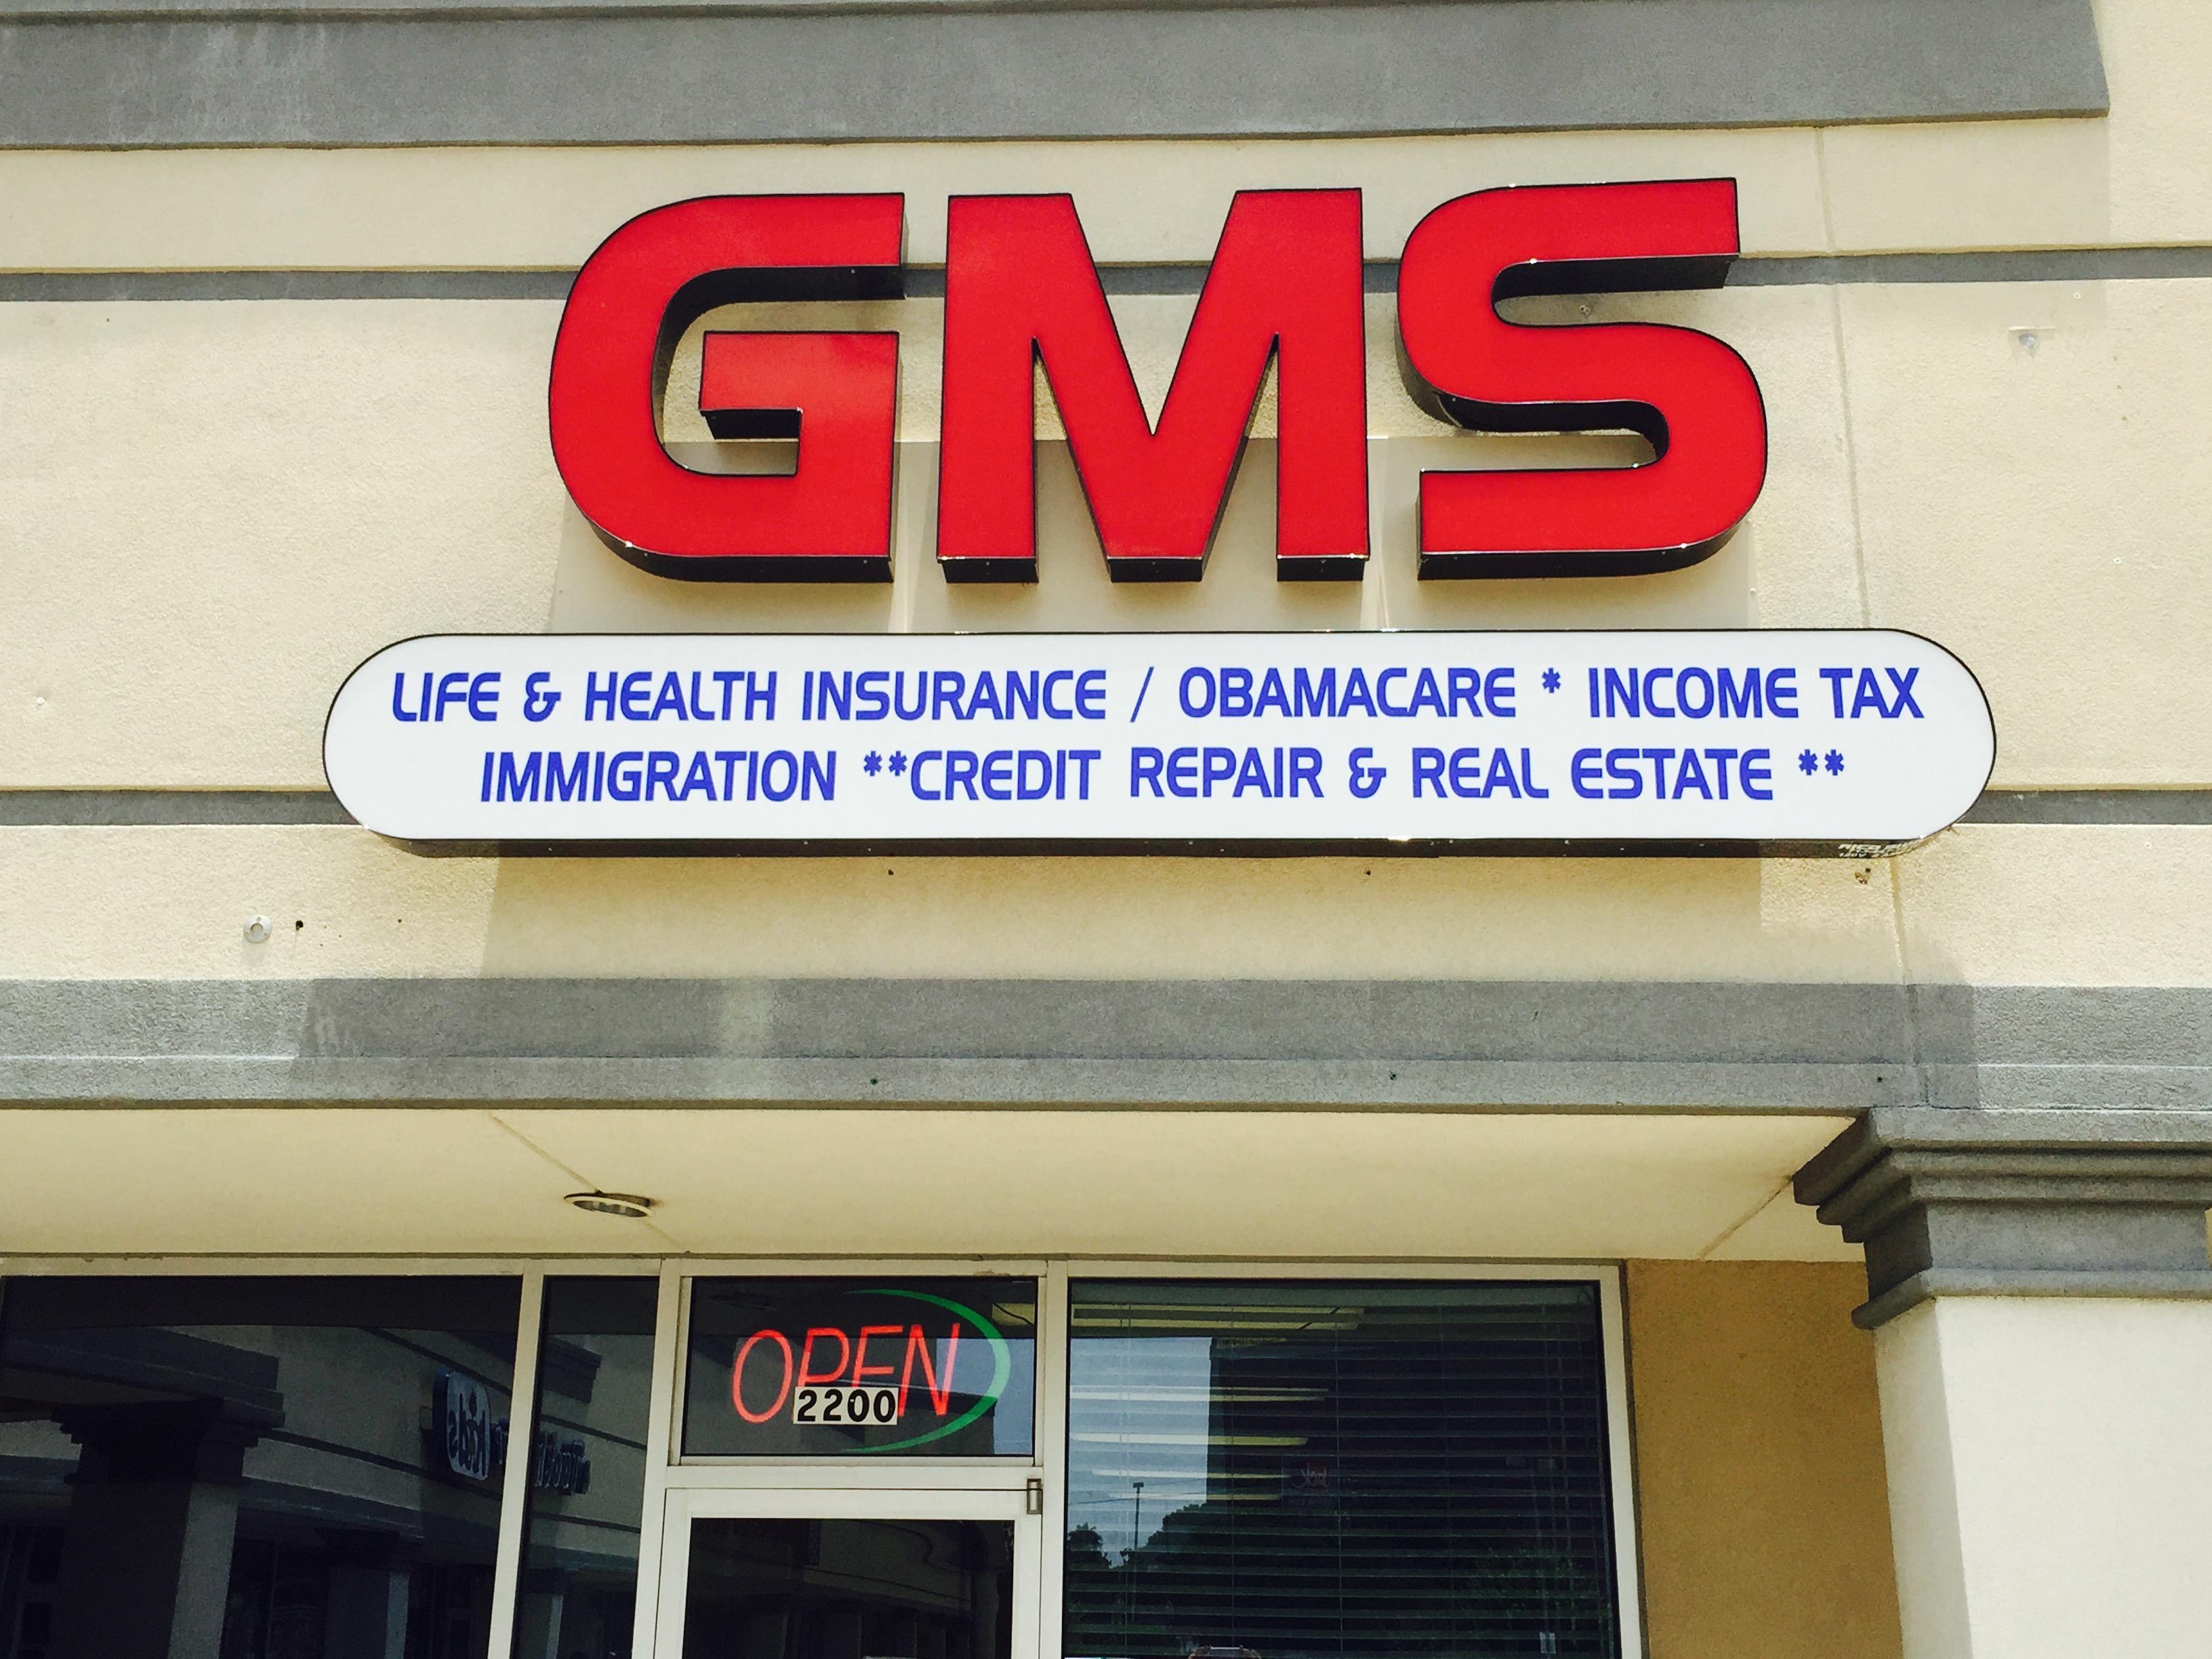 GMS Real Estate & Credit Repair Services image 3